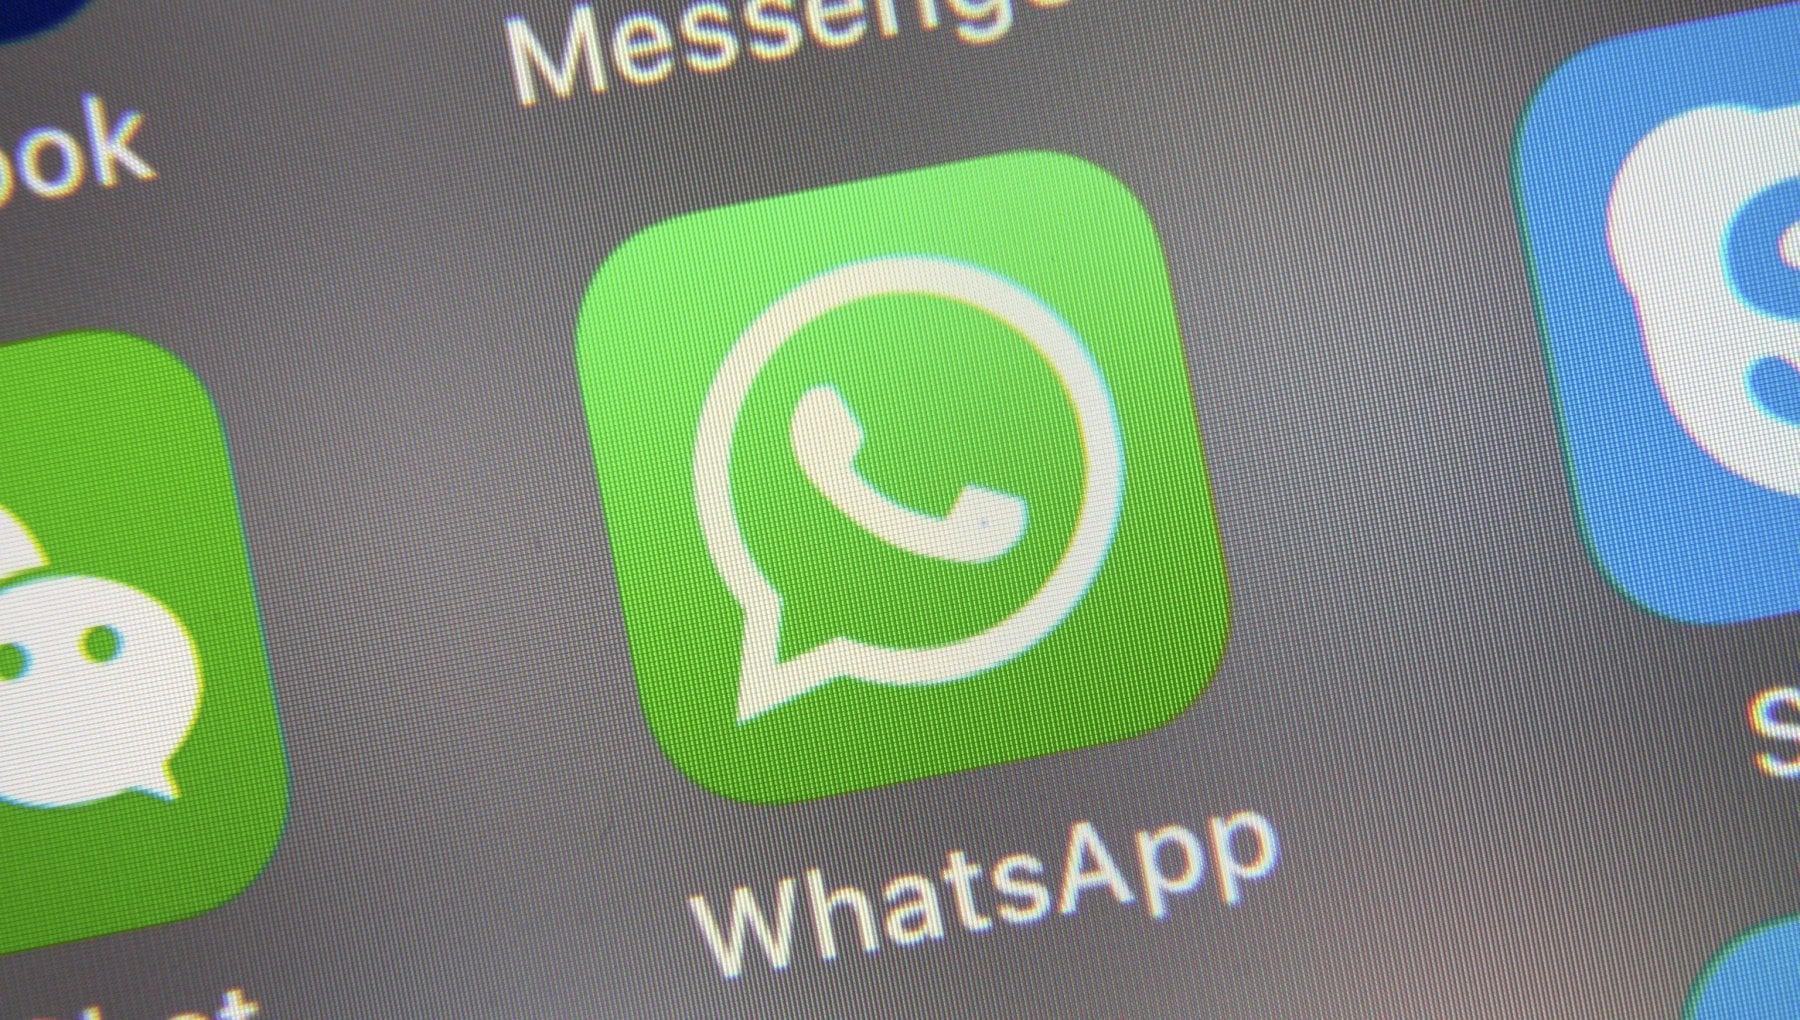 Stop allaggiornamento di WhatsApp Troppe informazioni errate. Dobbiamo prima fare chiarezza